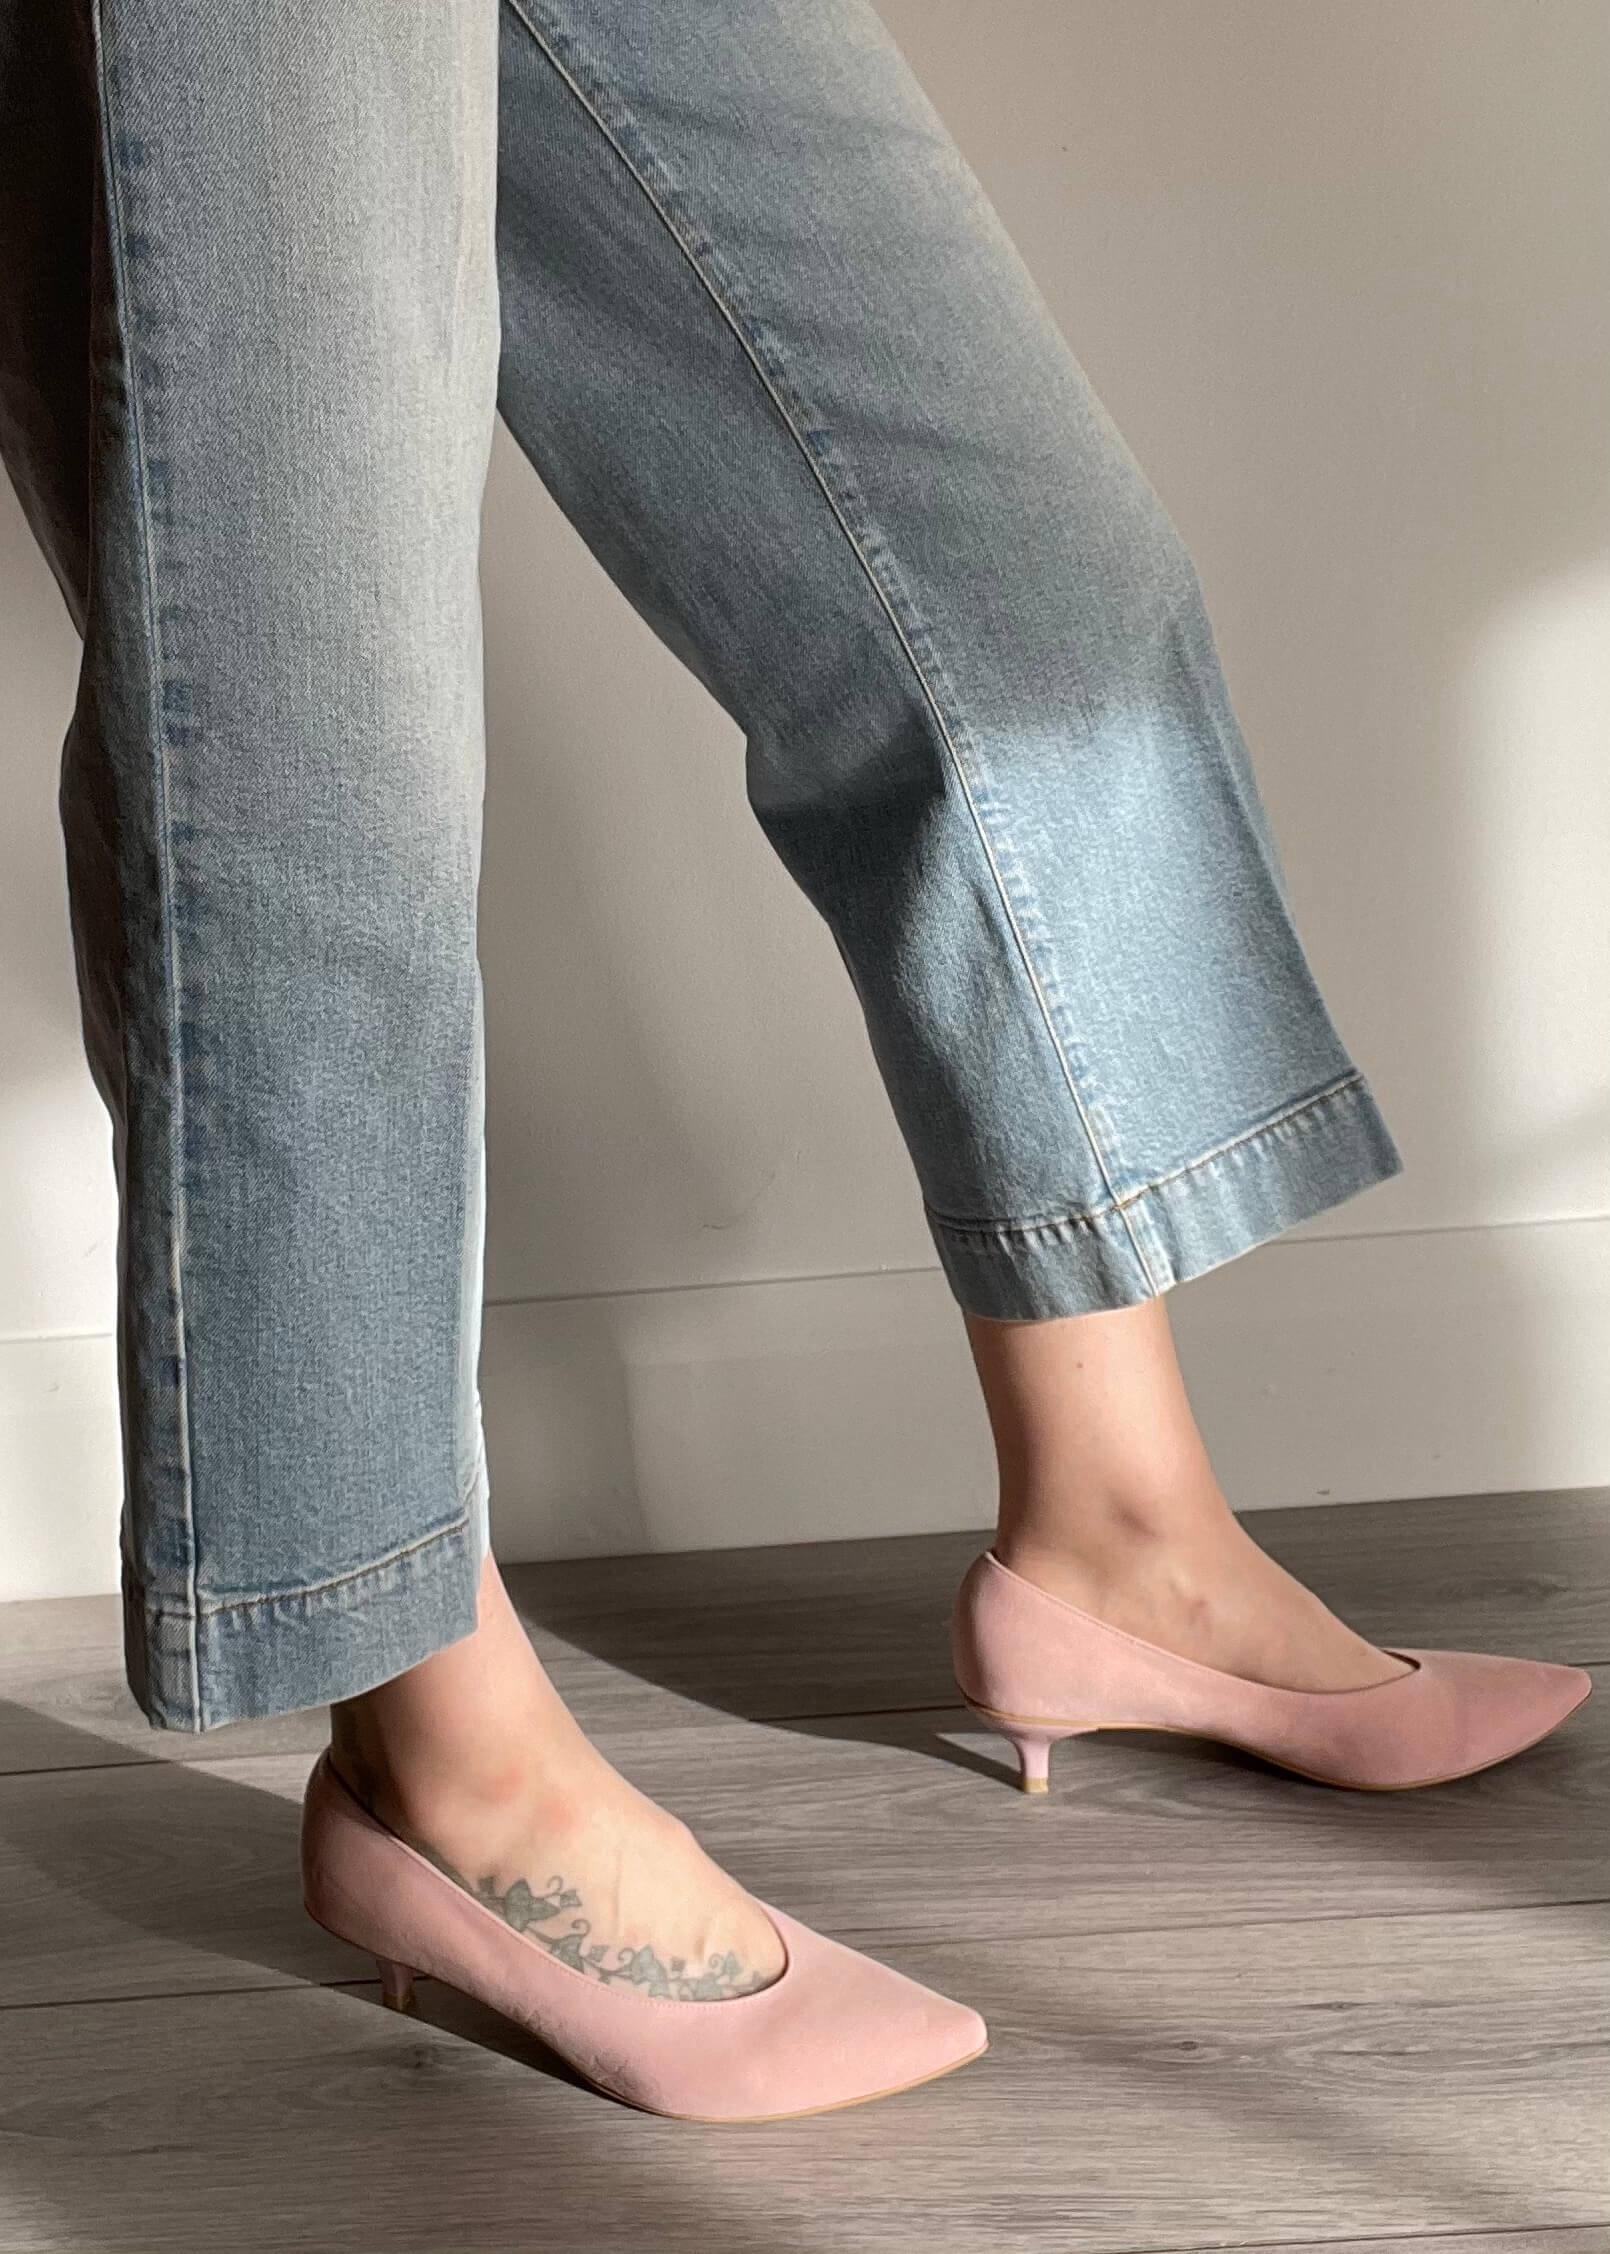 Kiki S pointed toe kitten heels - nude pink